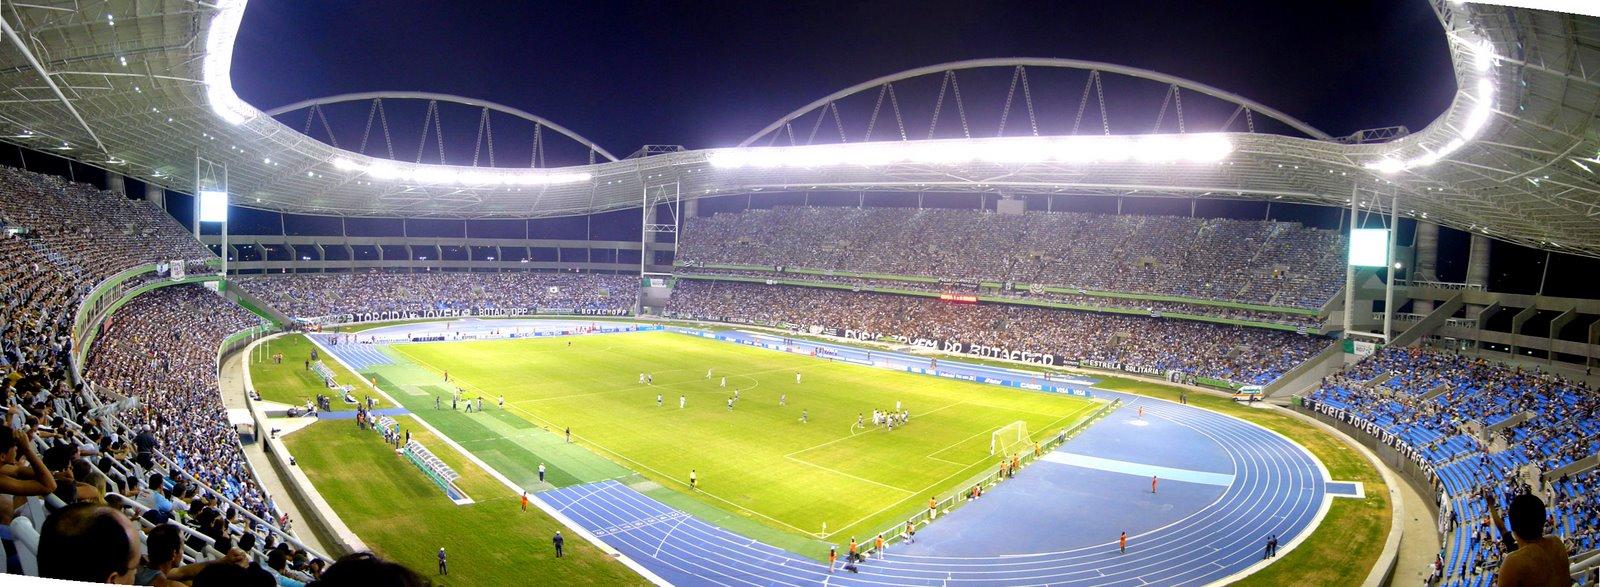 в каком году возабновились олимпийские игры